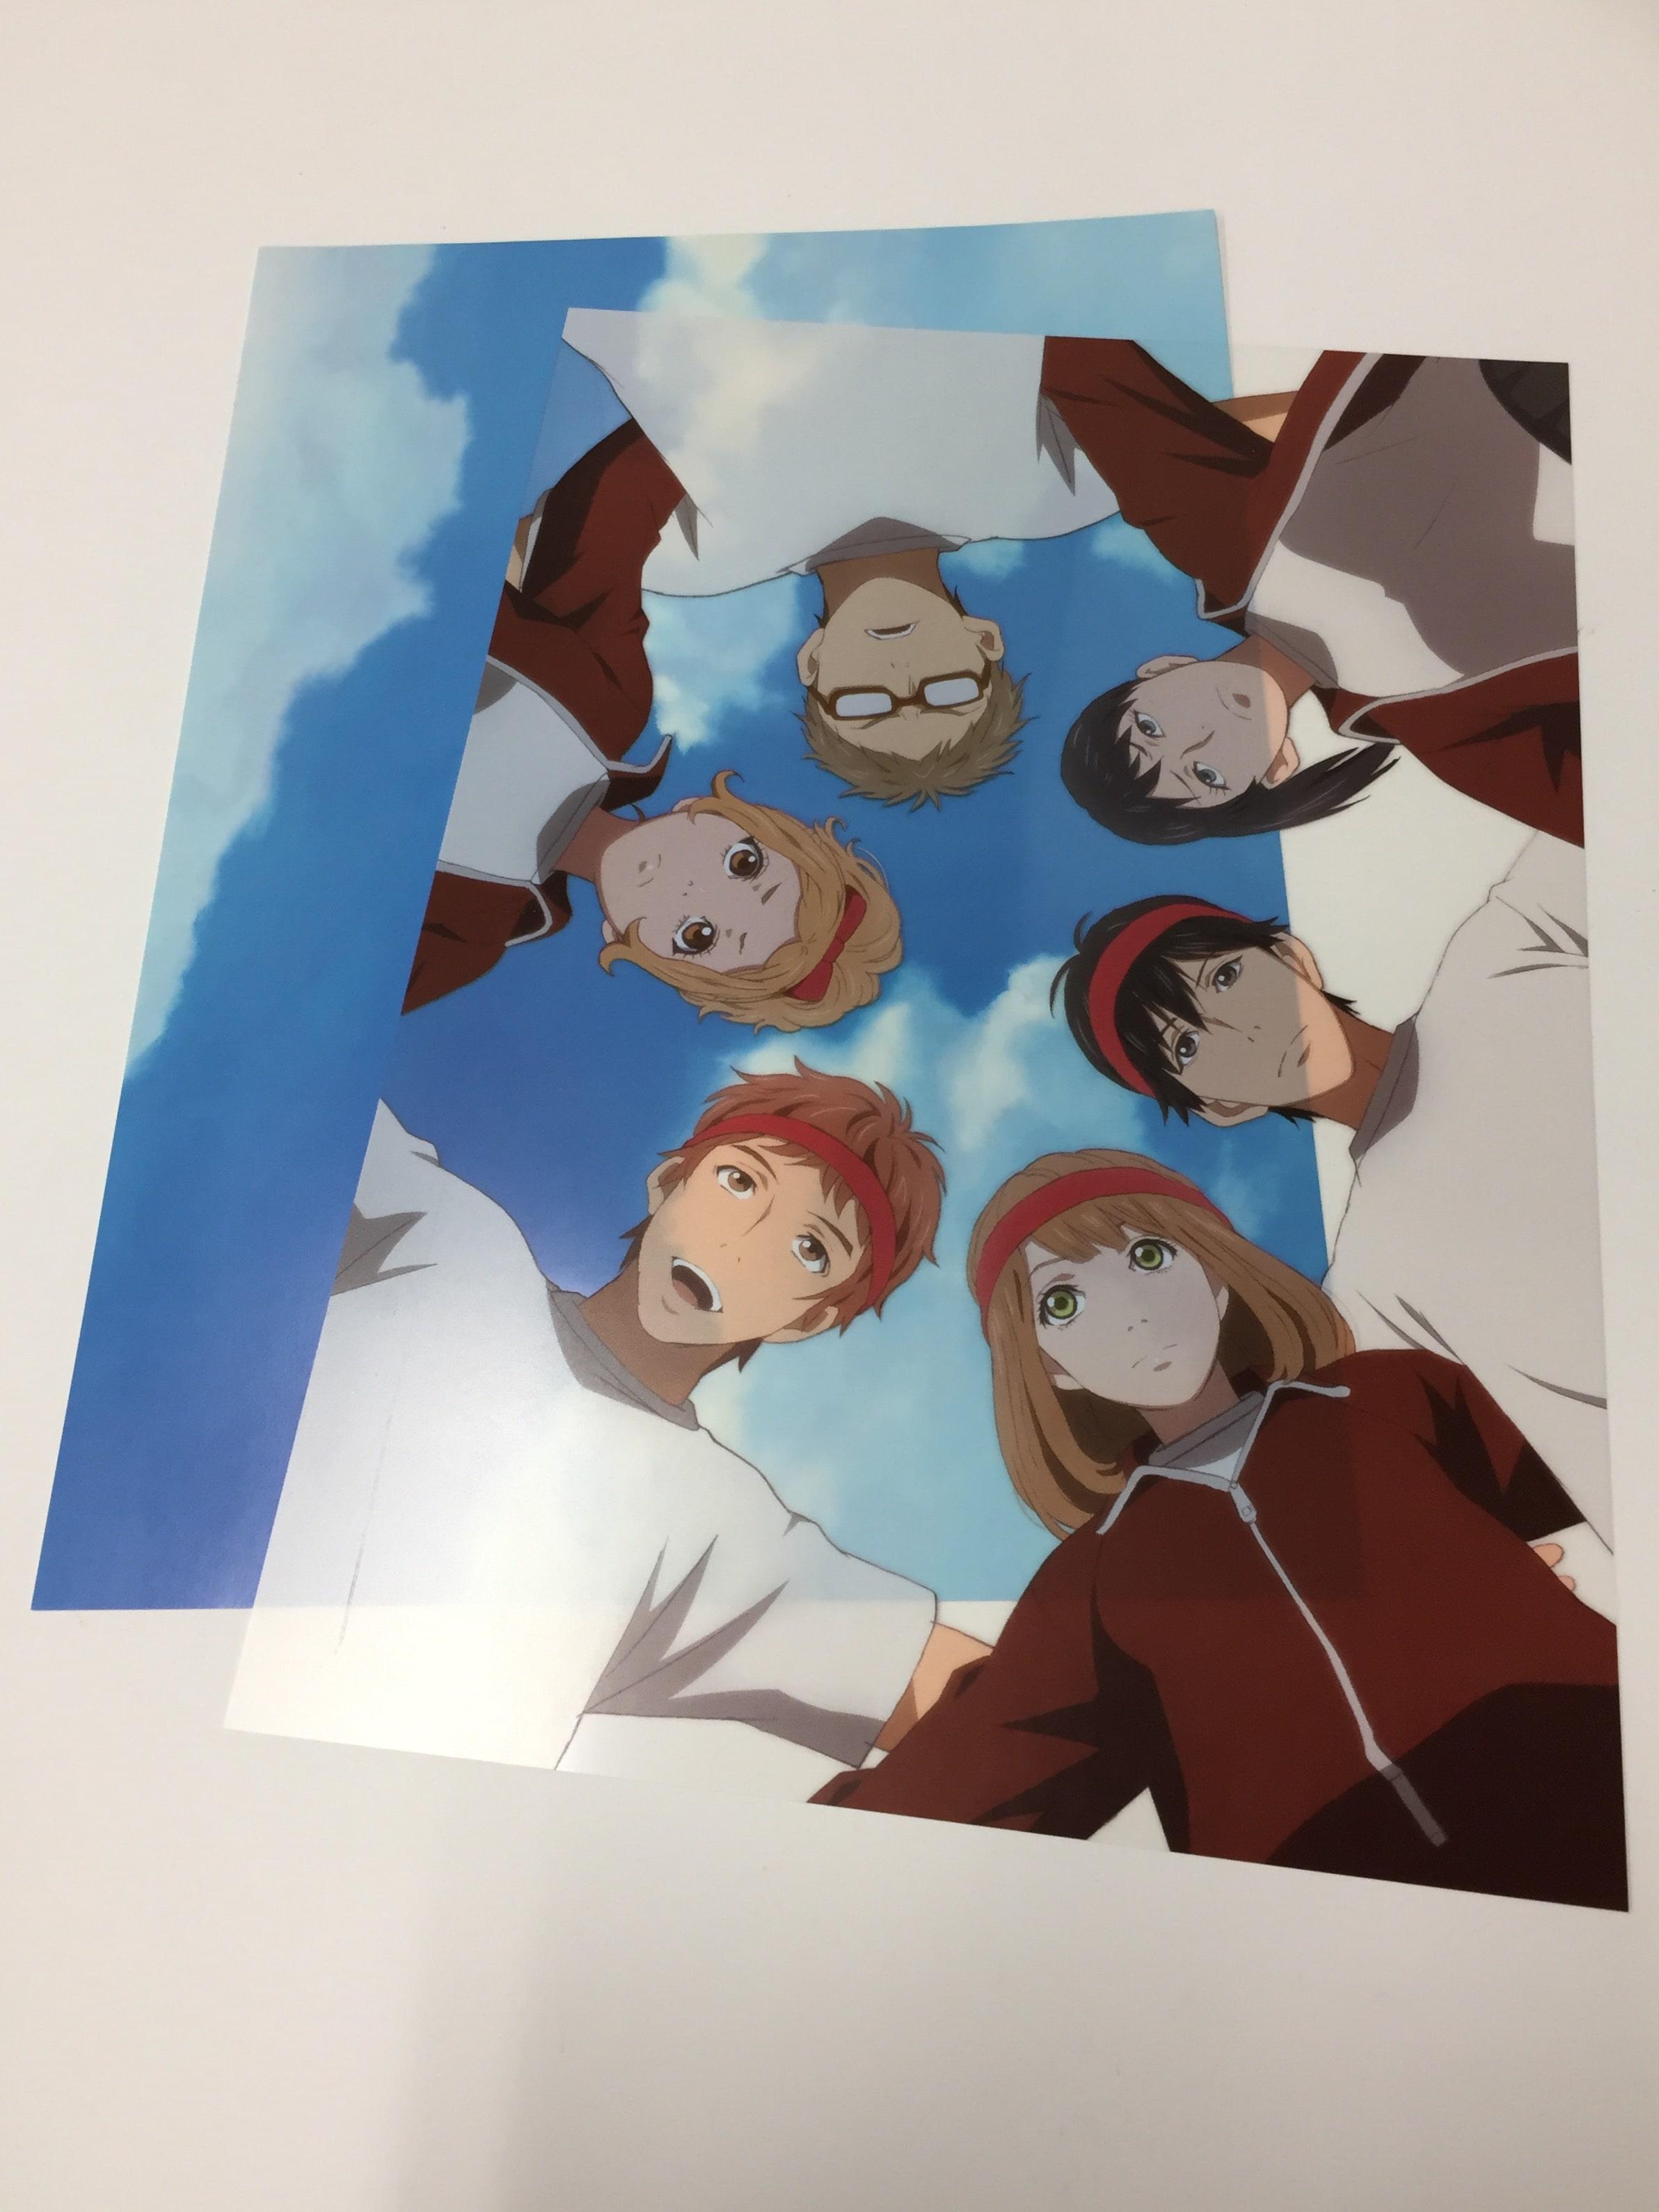 TVアニメ「orange」Vol.7 Blu-ray 初回生産限定版